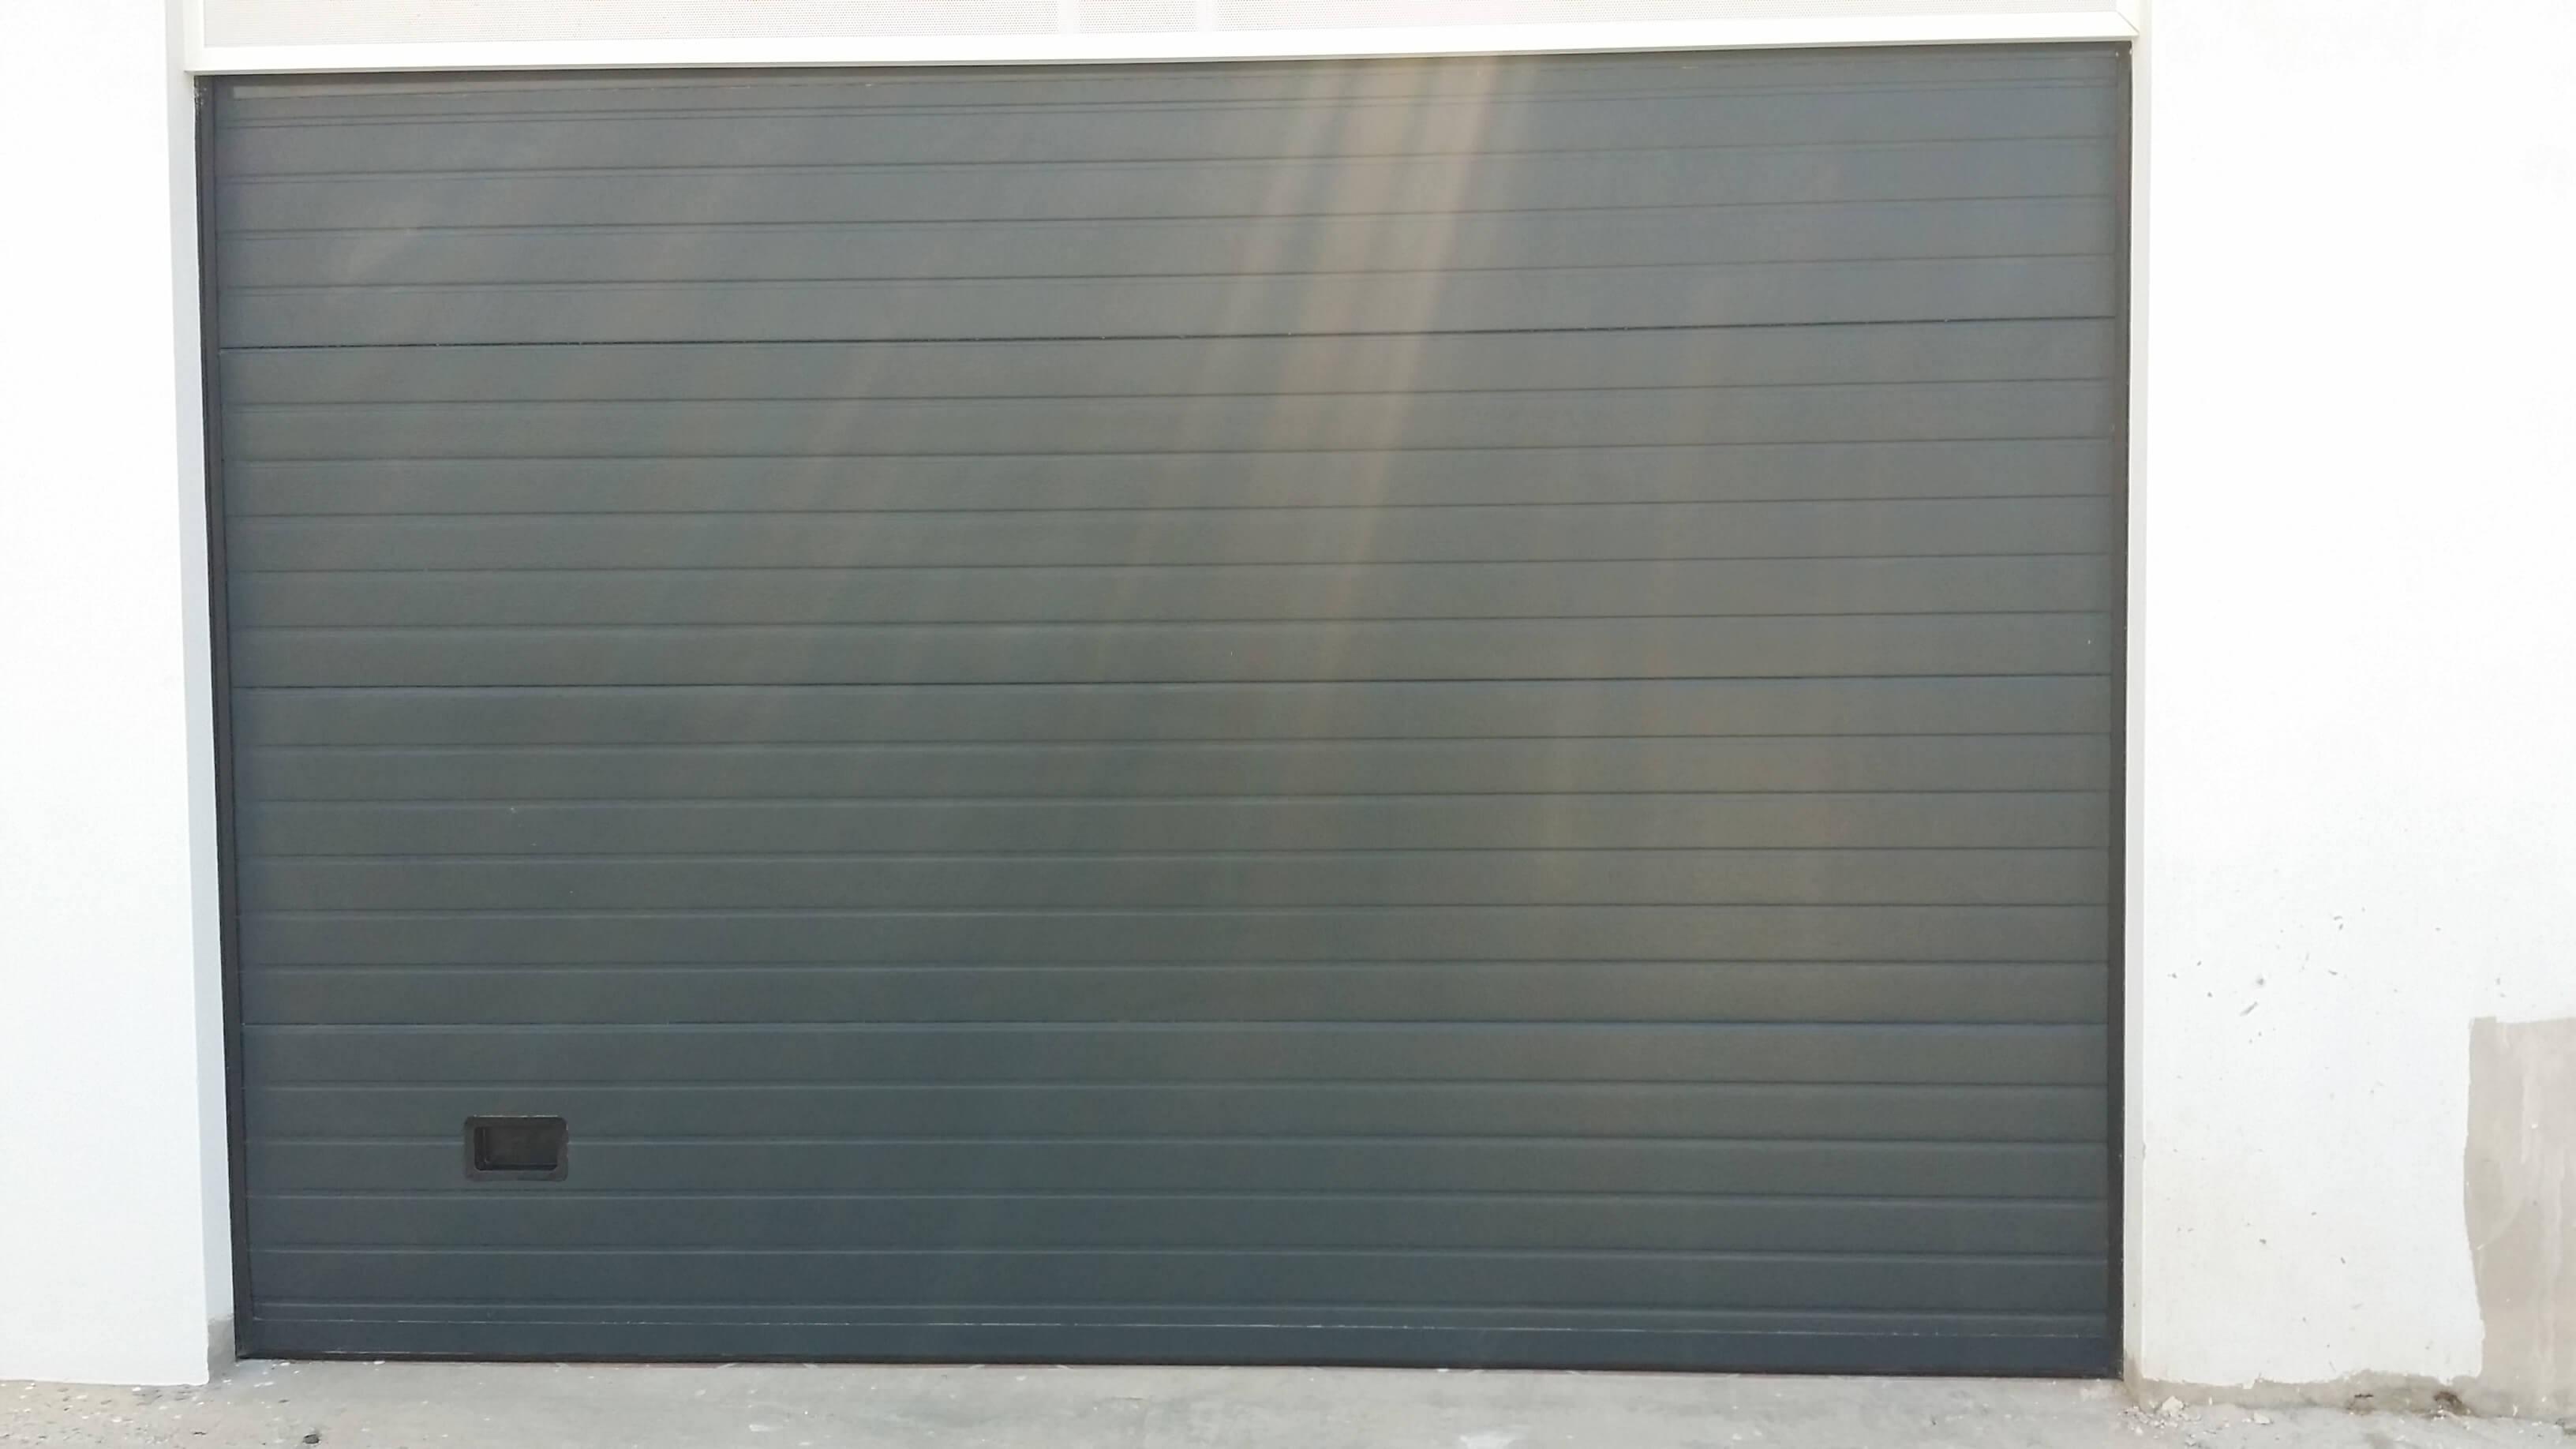 Puerta de garaje seccional en color antracita